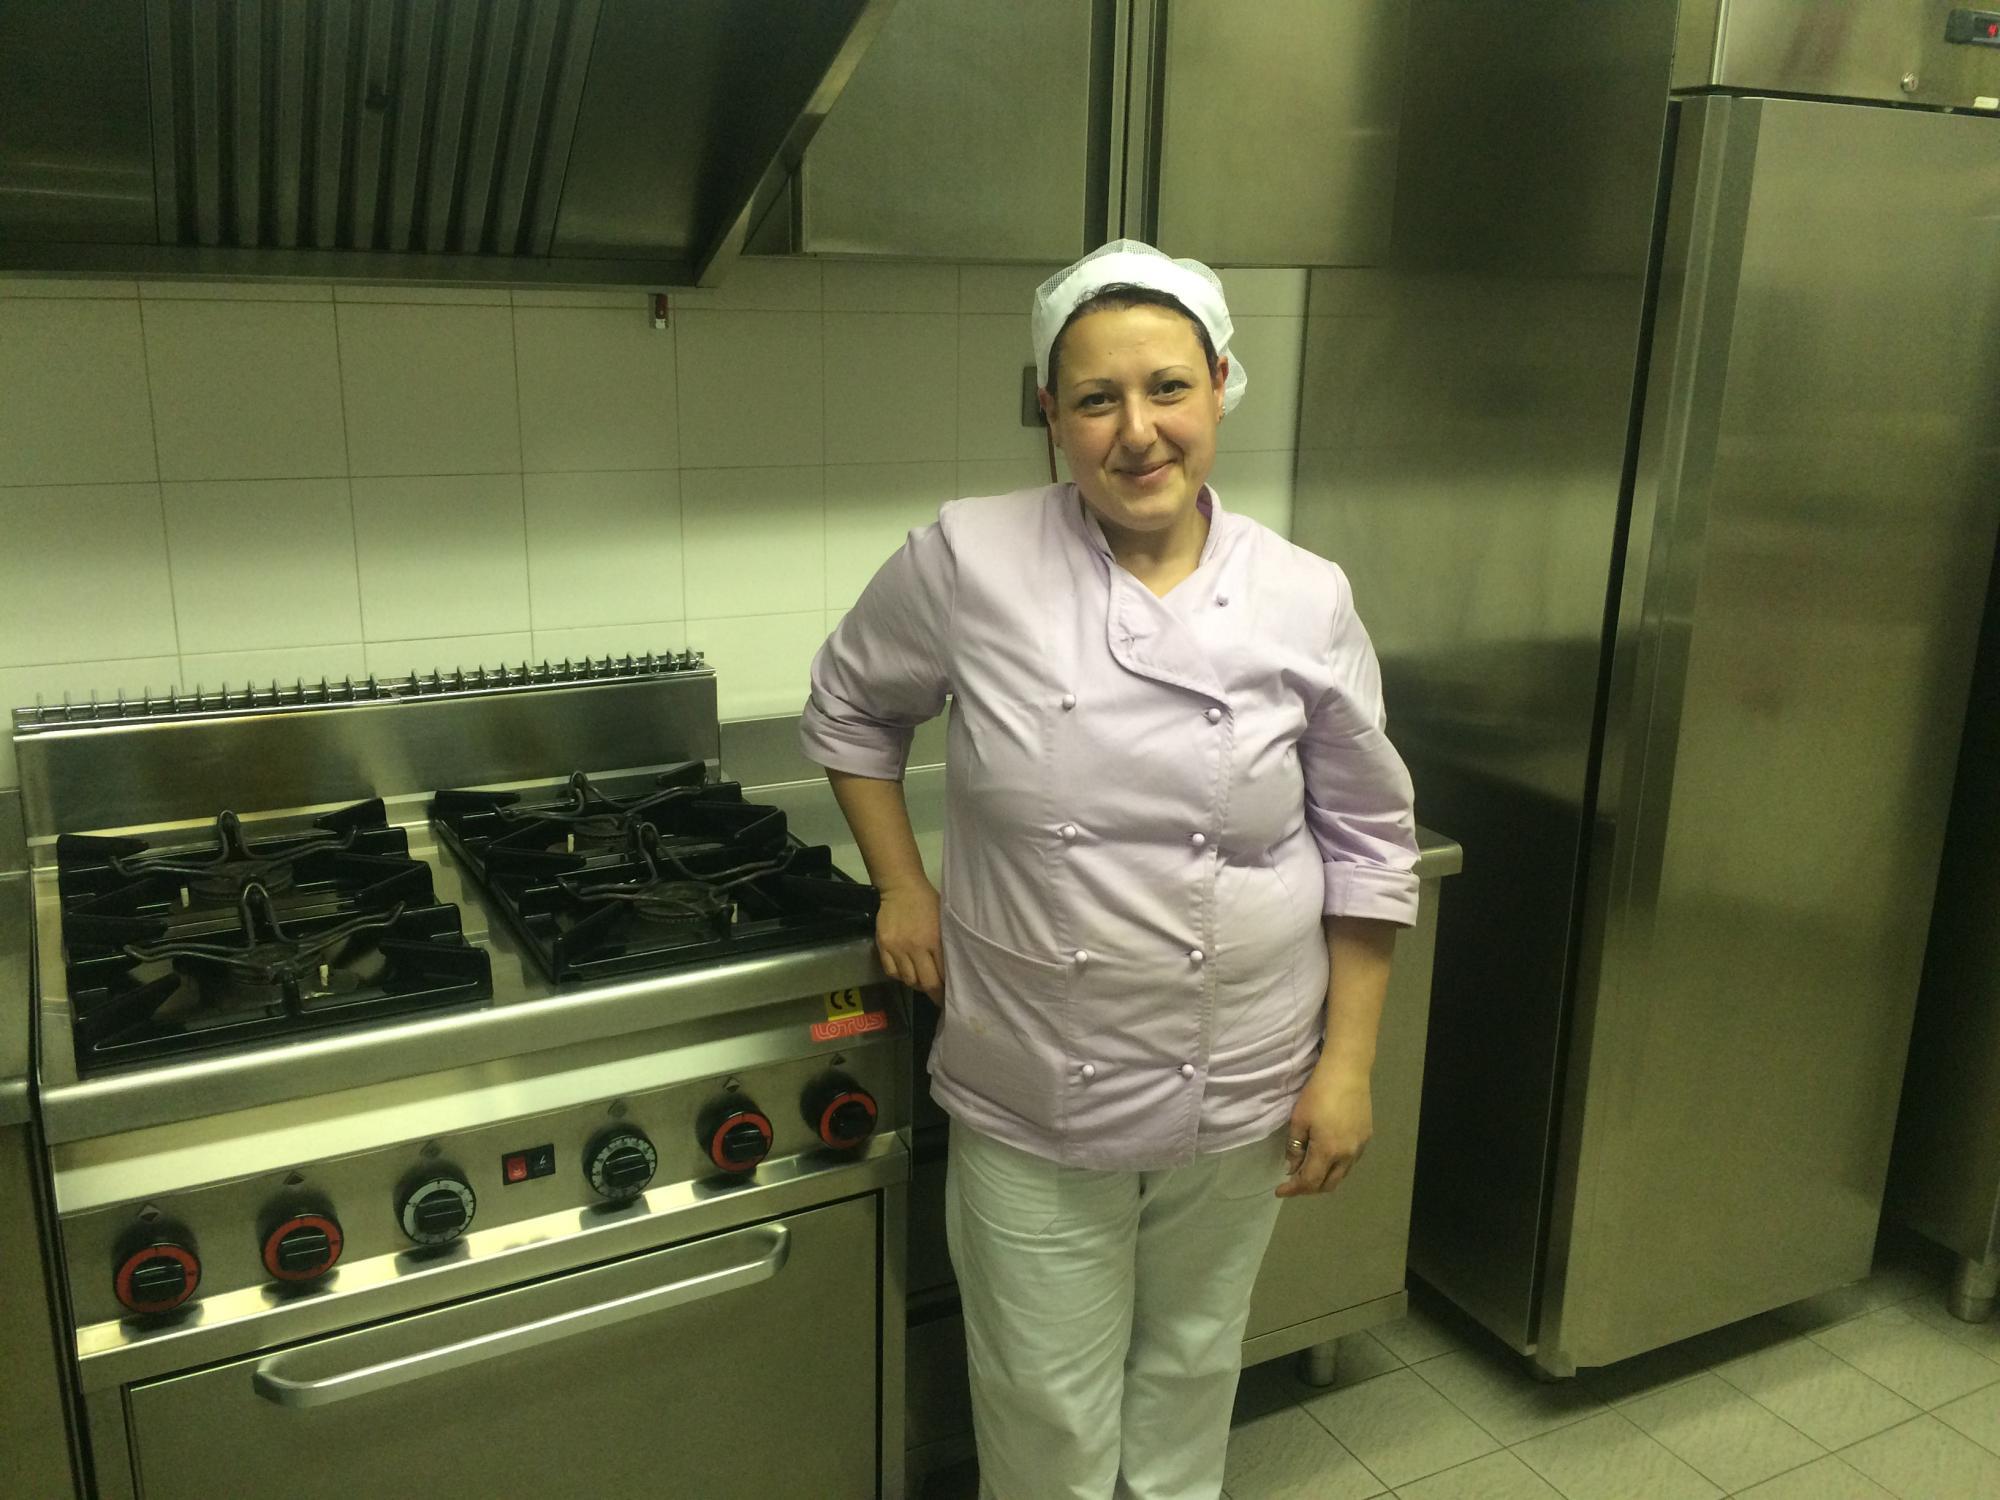 La cuoca della scuola